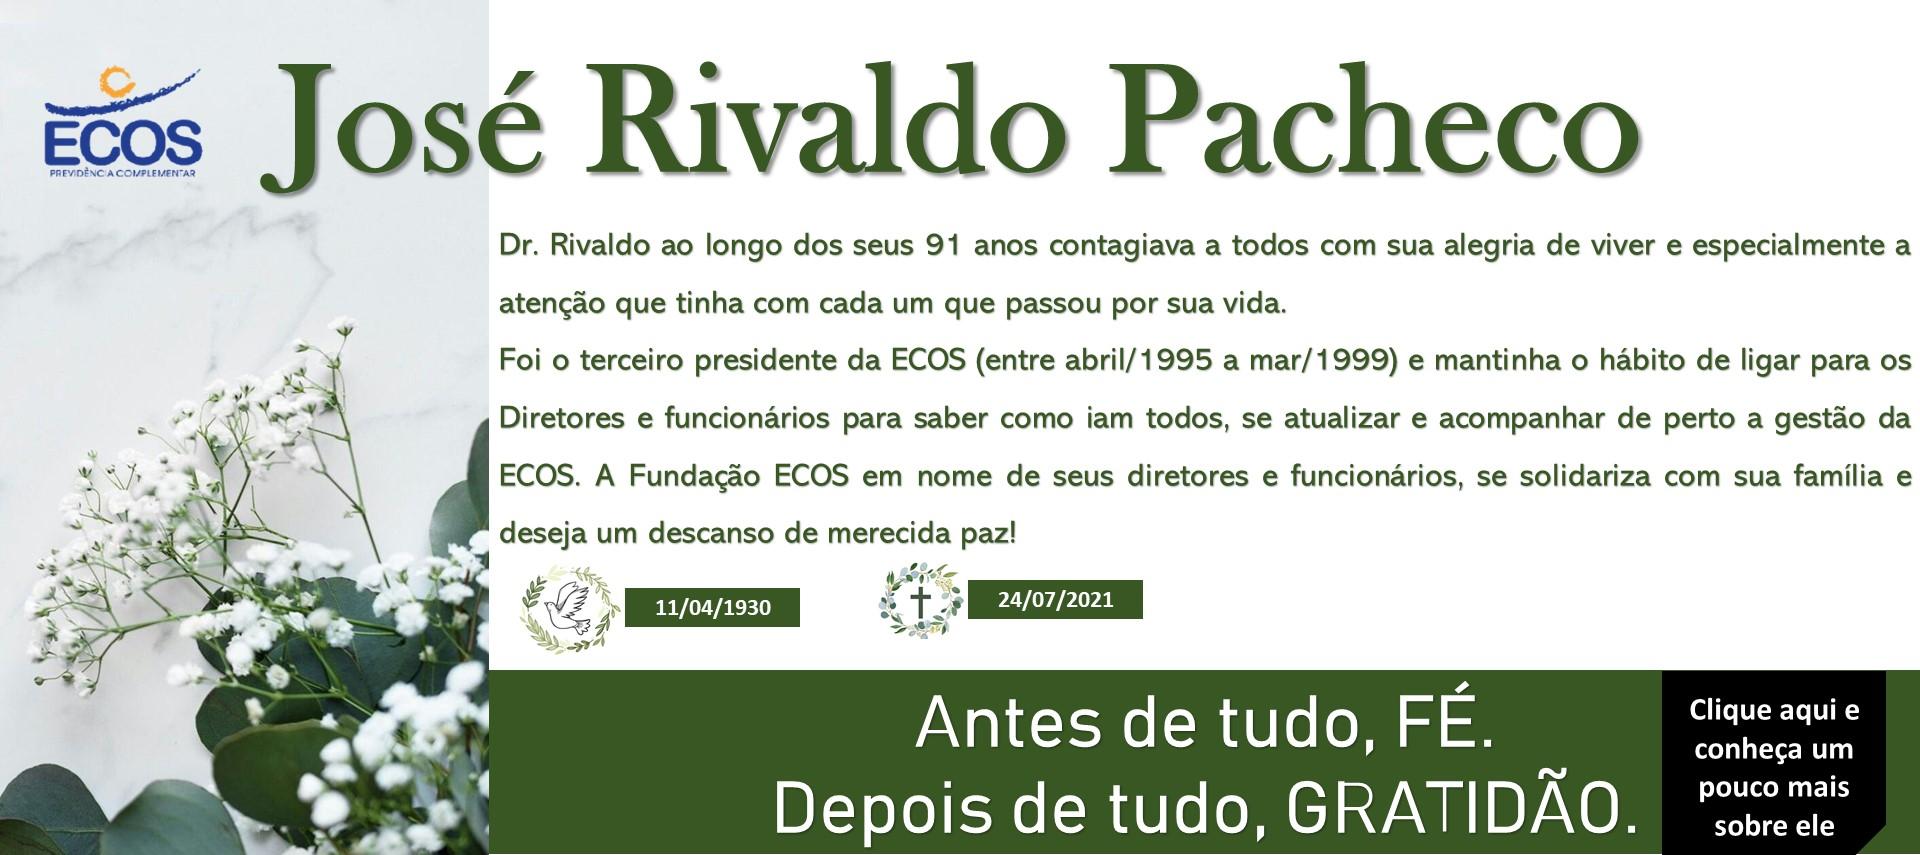 Dr Rivaldo